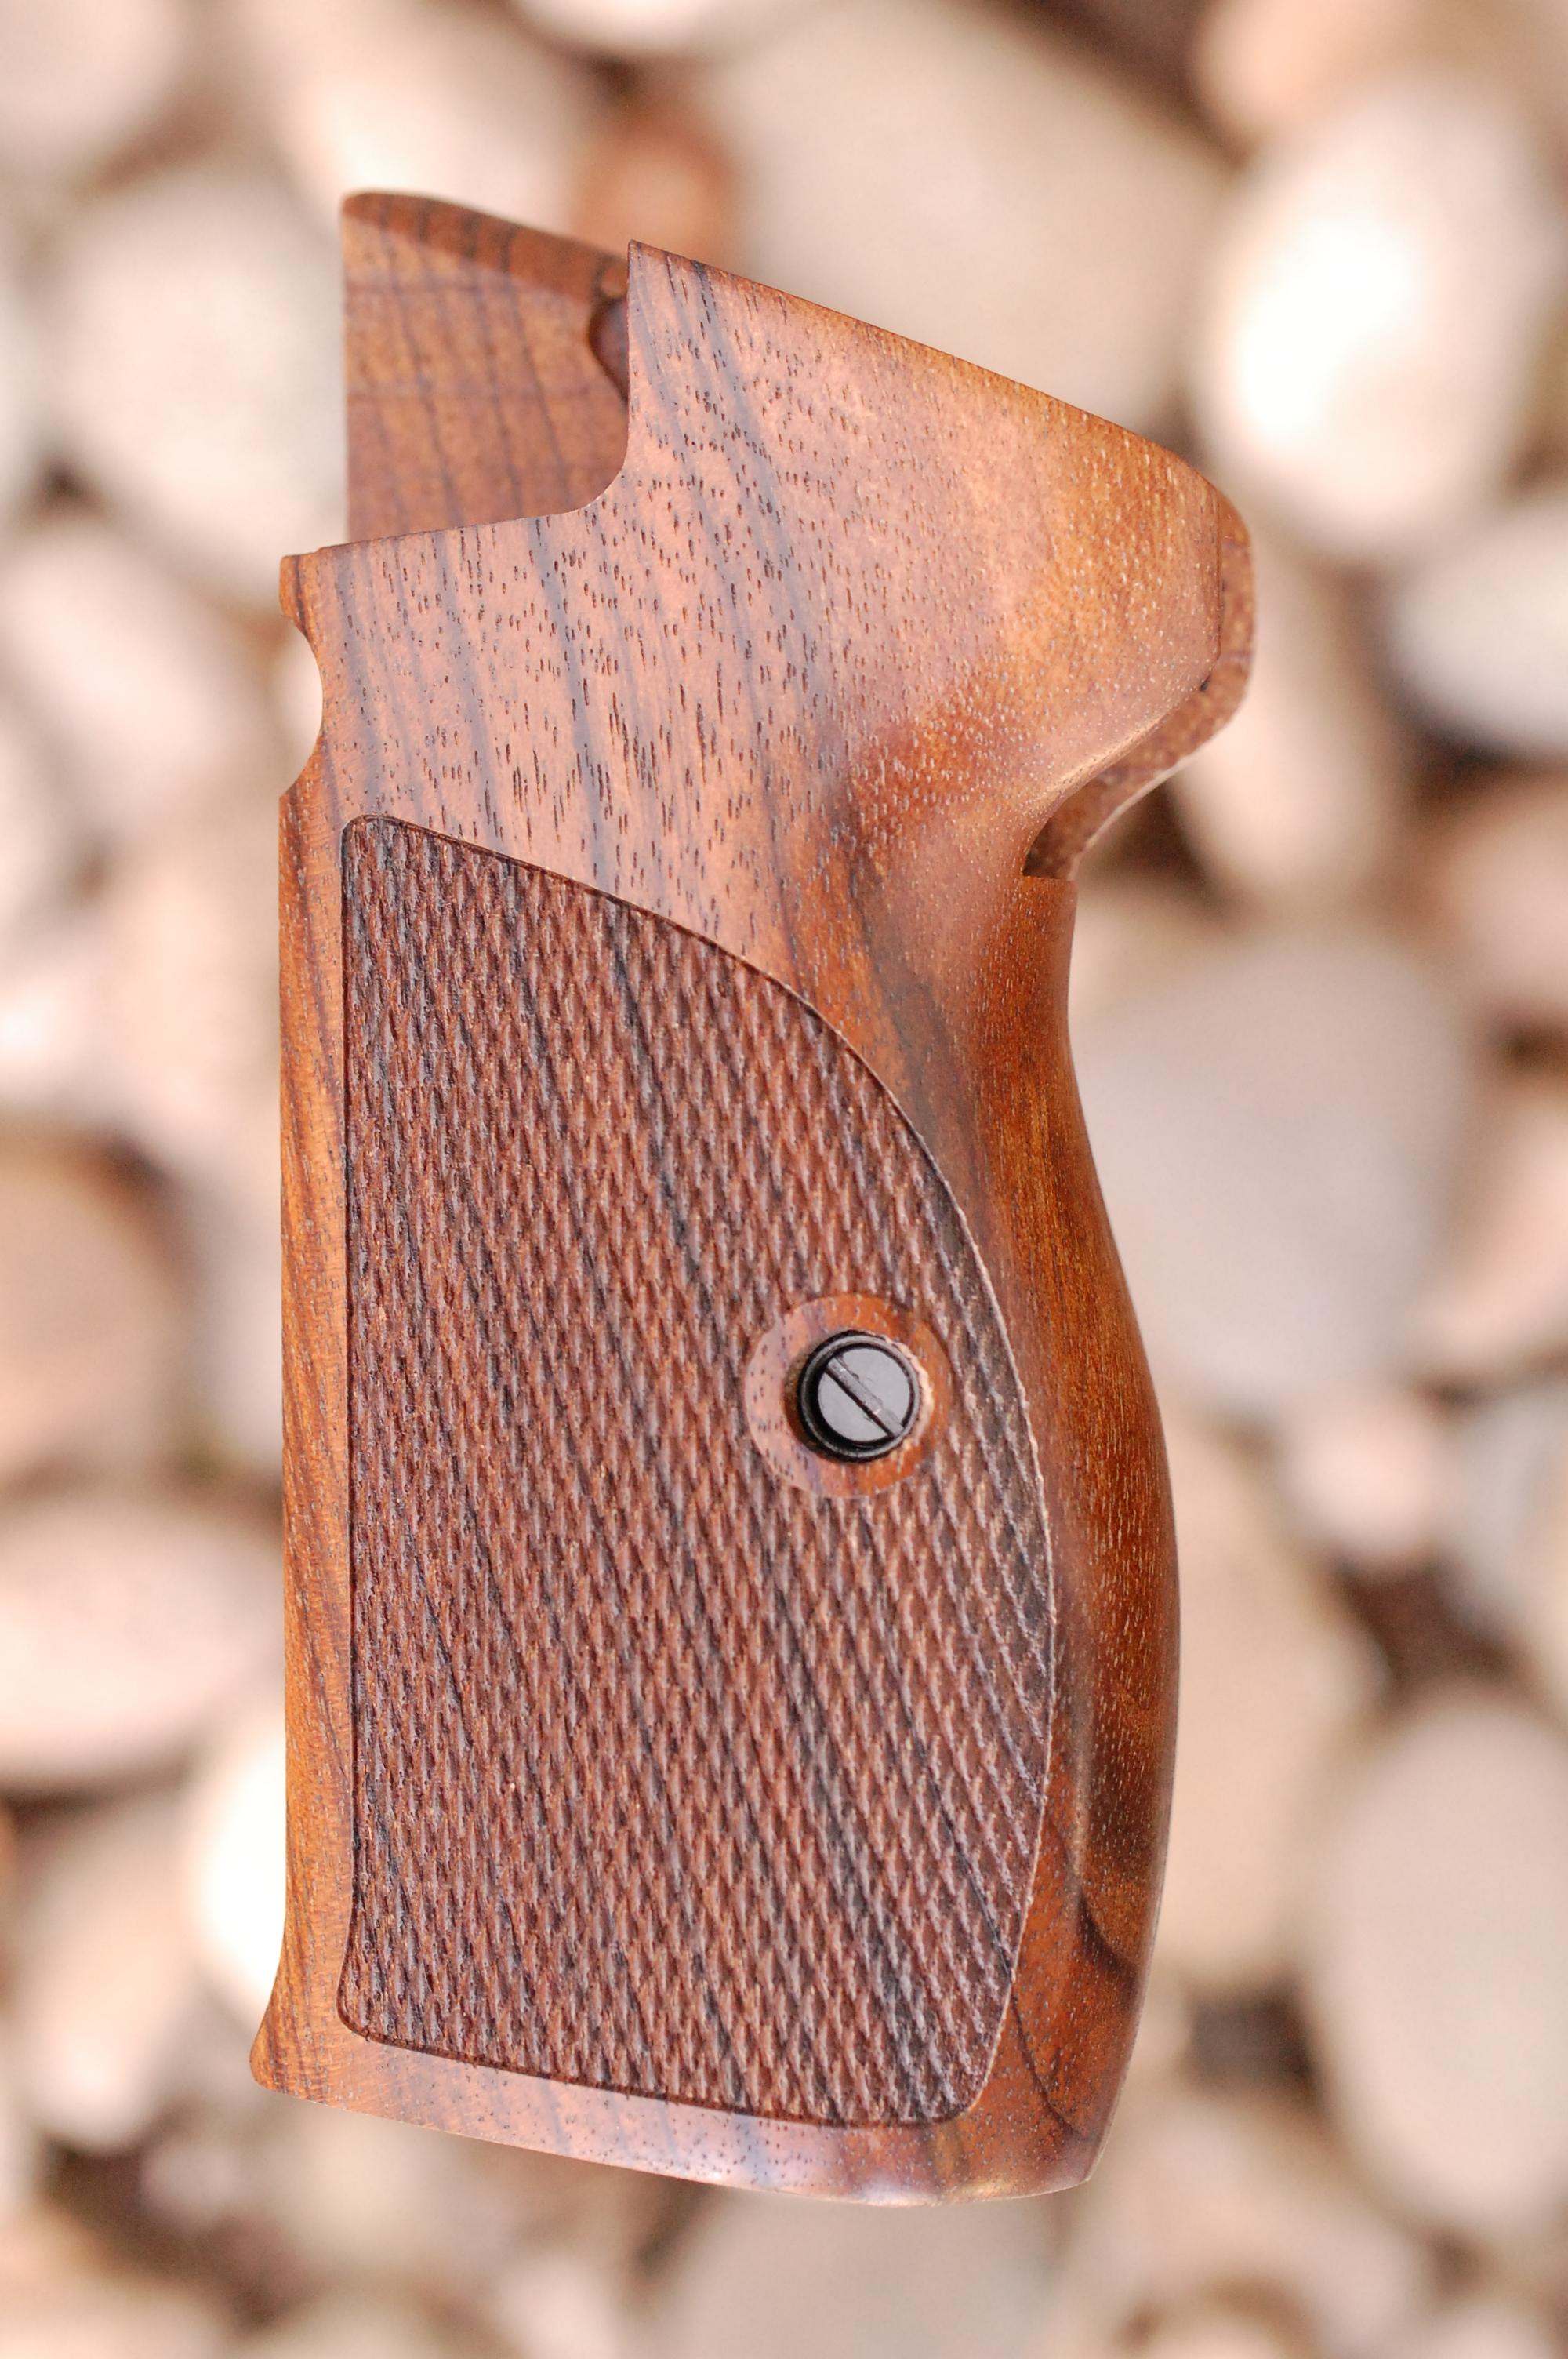 SIG P210 GRIPS, side mag.rel, no lan.ring (ckrd) - full size